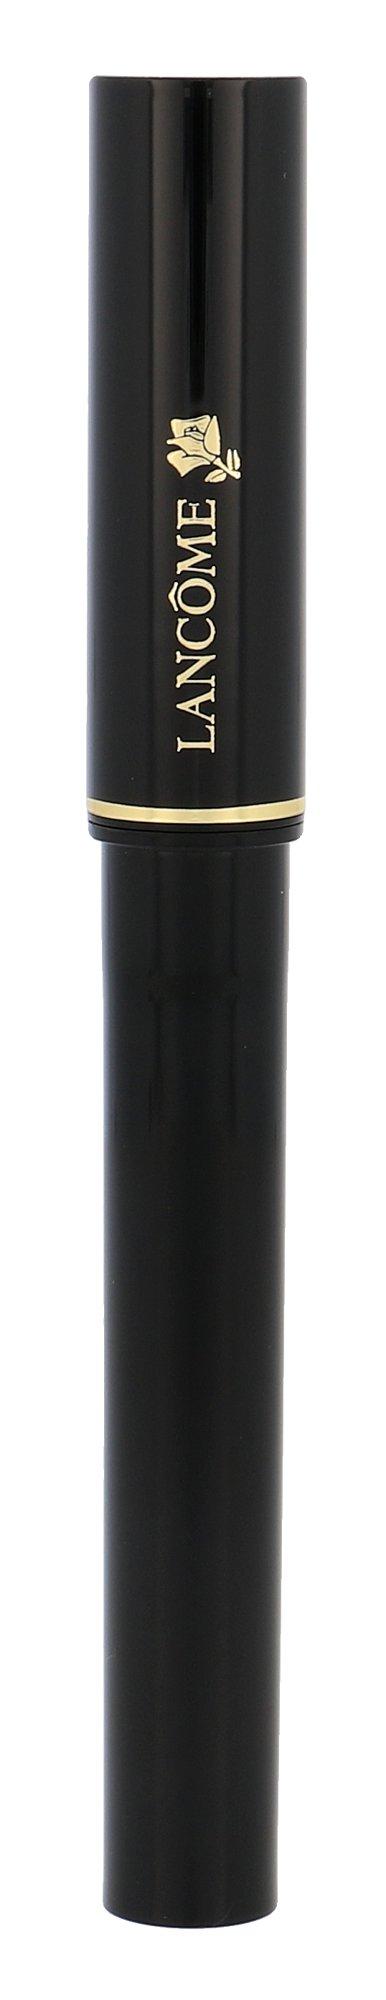 Lancome Artliner Eyeliner (01 Noir) 1,4 ml 92716